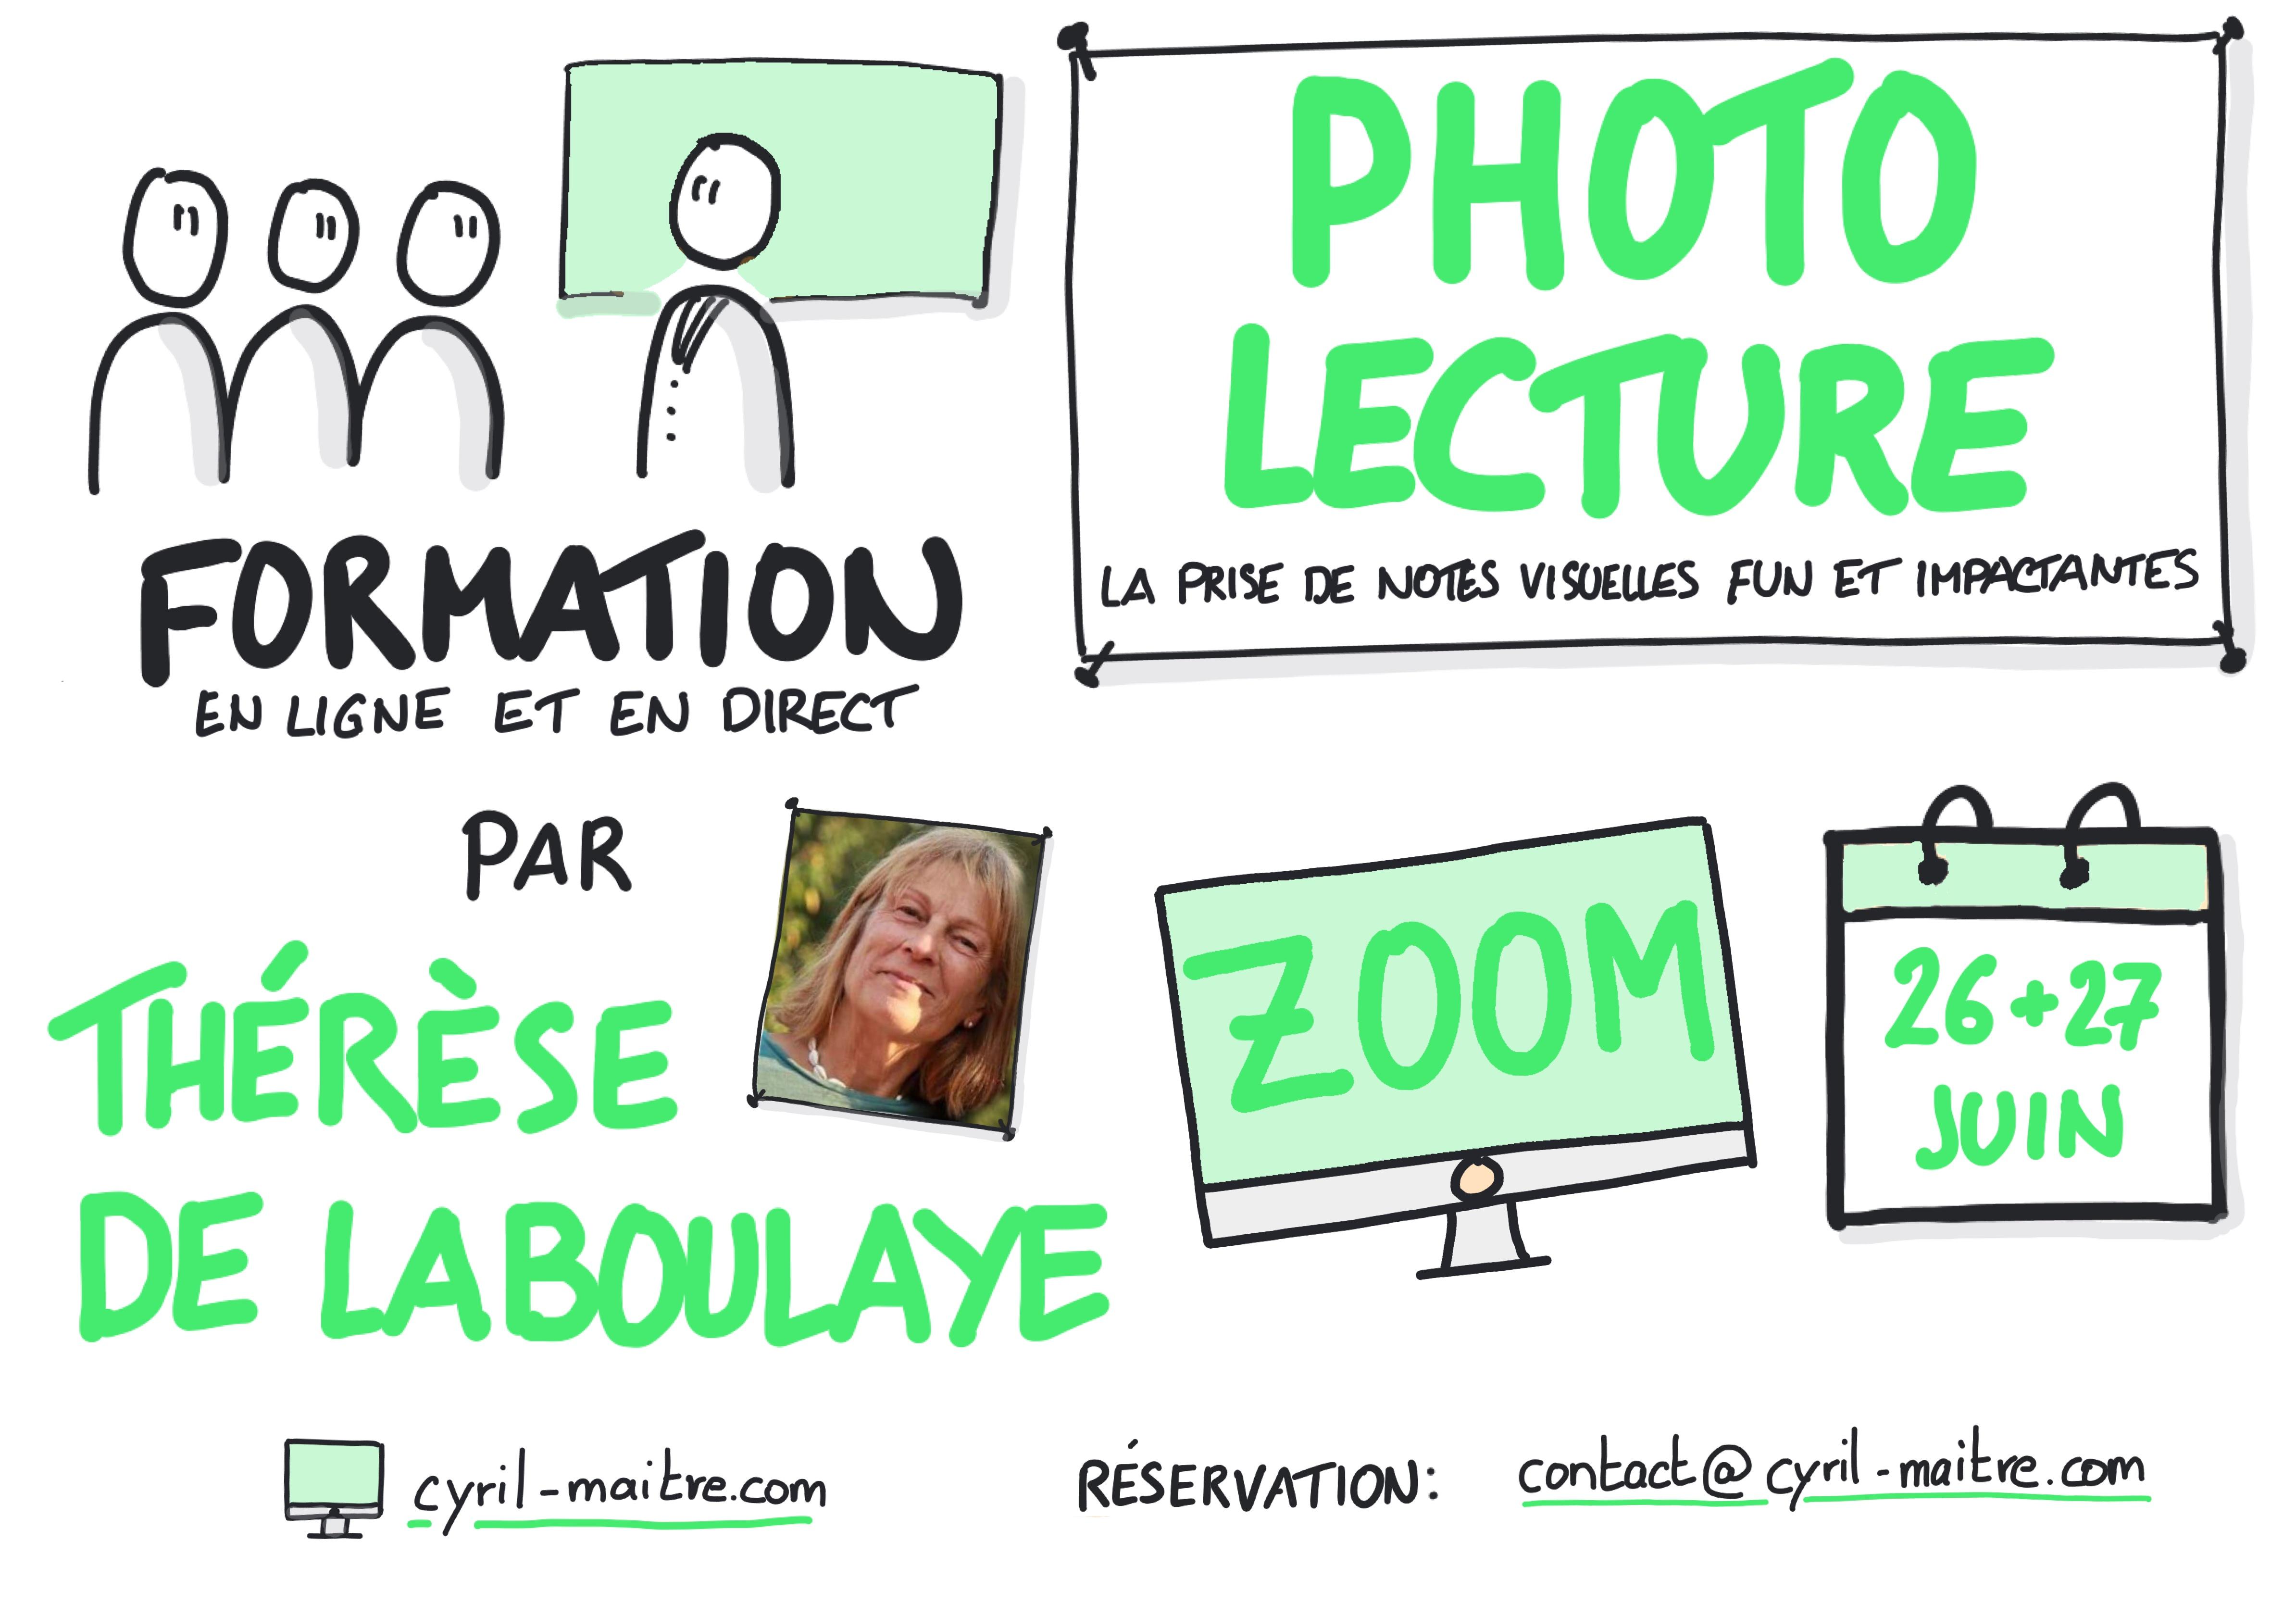 Visuel zoom photolecture cyril maitre